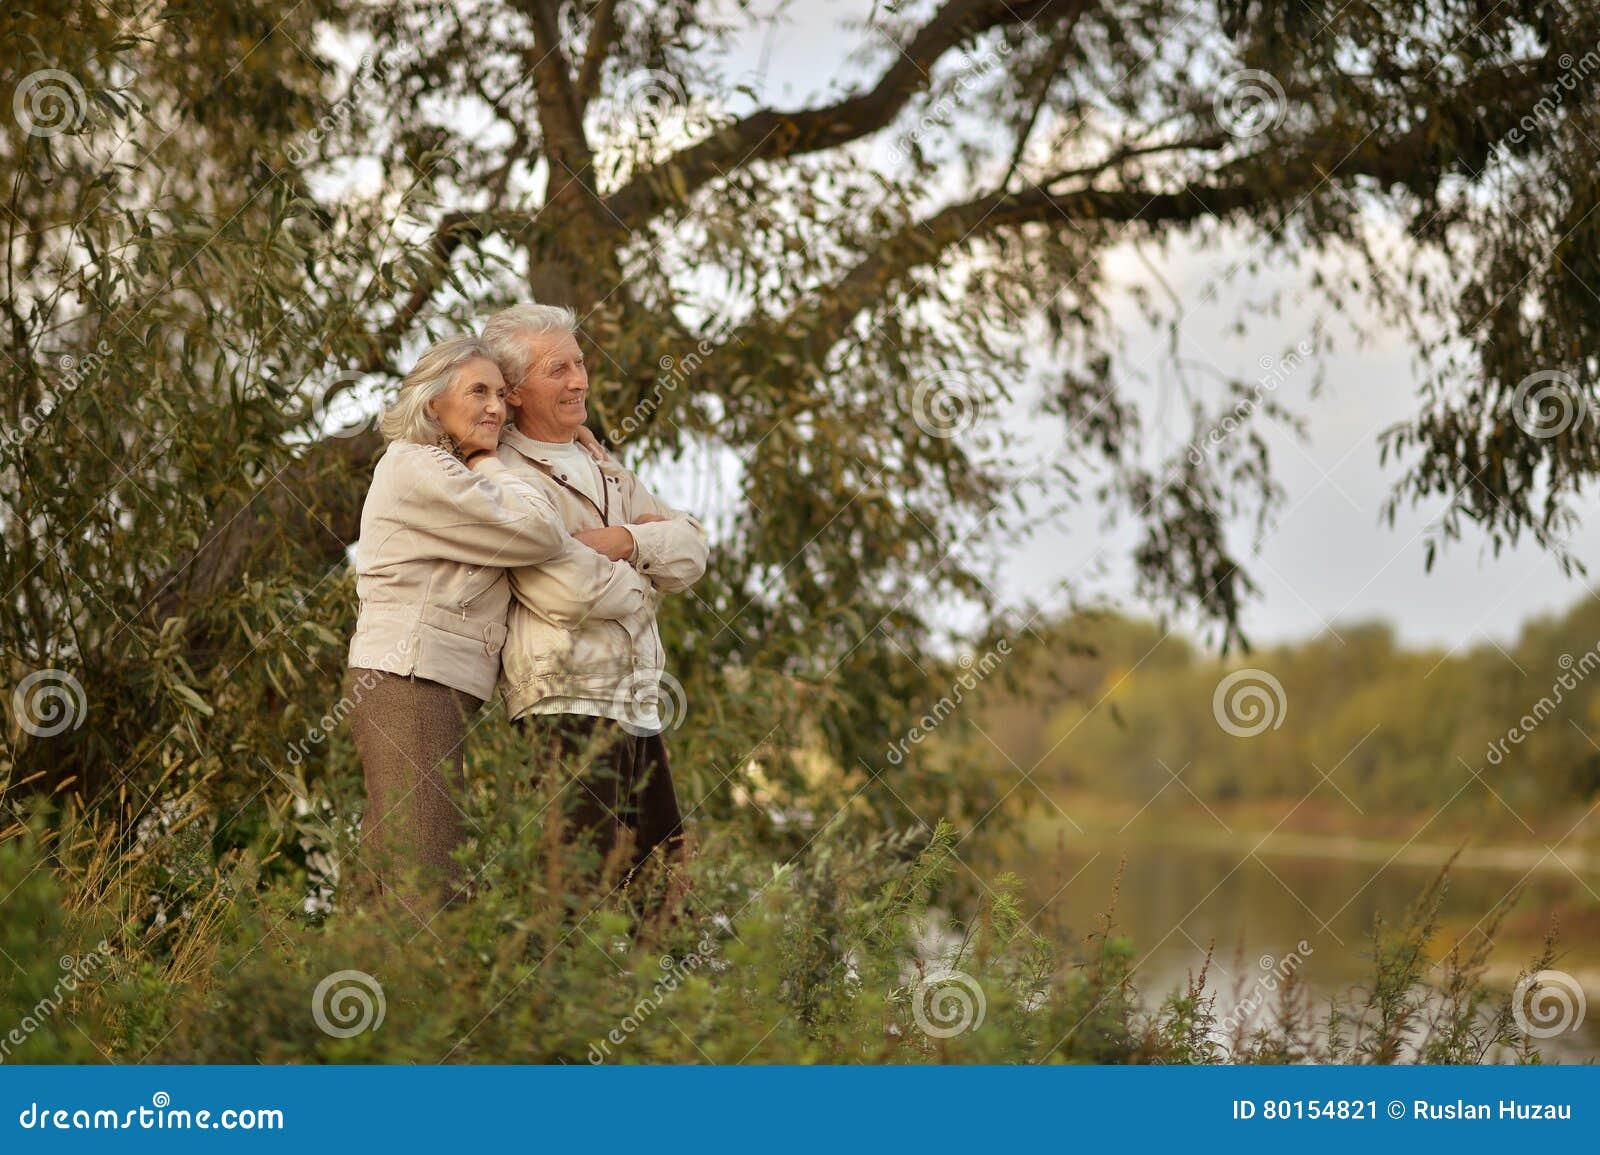 понимаю, подсмотрел пожилые пары смотреть познания ней весьма